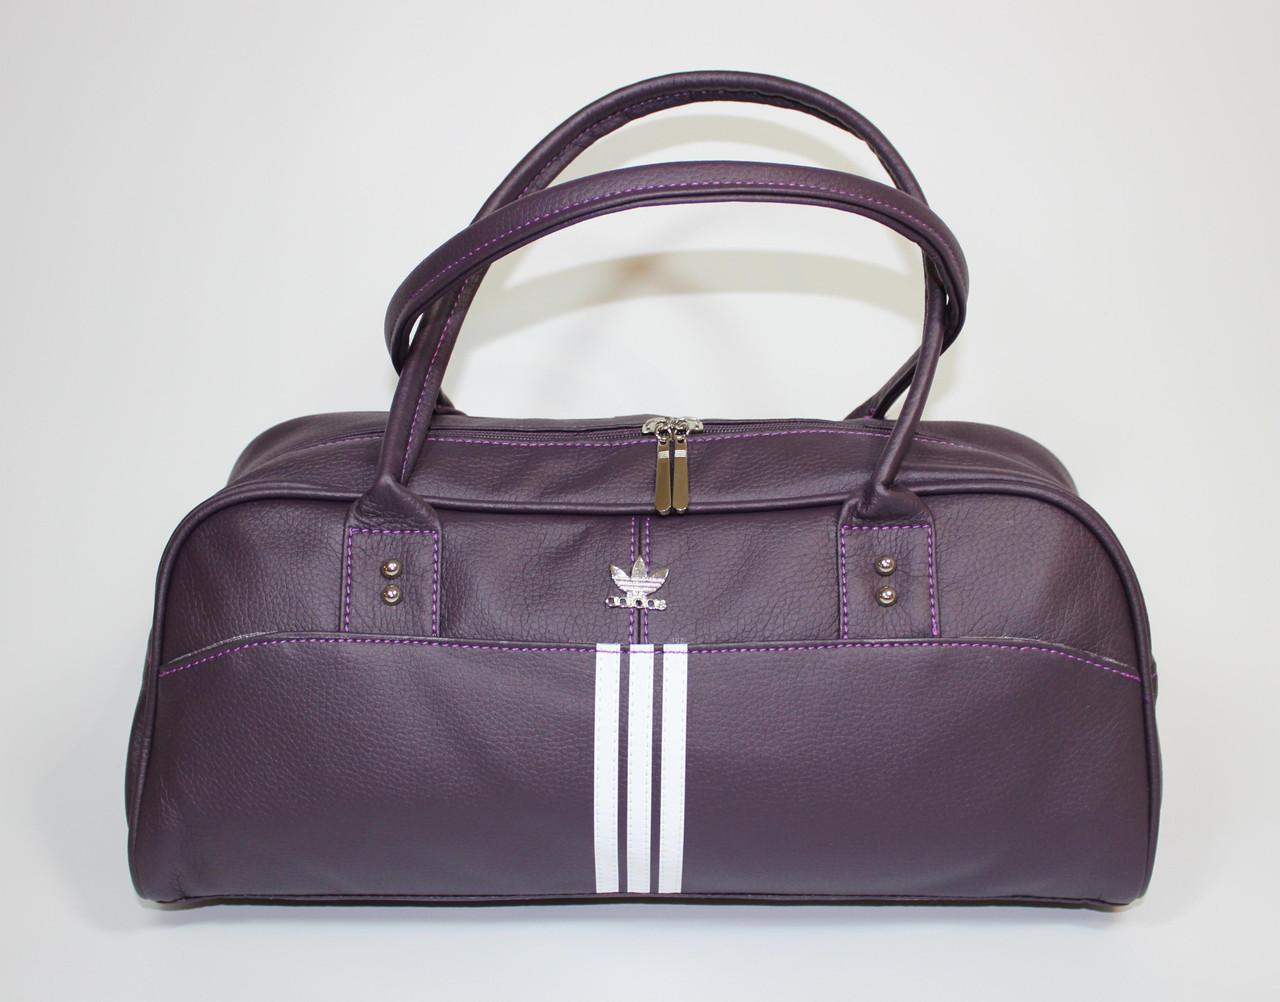 cbfe643f Сумка спортивная женская - Komodd - Женские сумки,рюкзачки,спортивные сумки  в Хмельницком